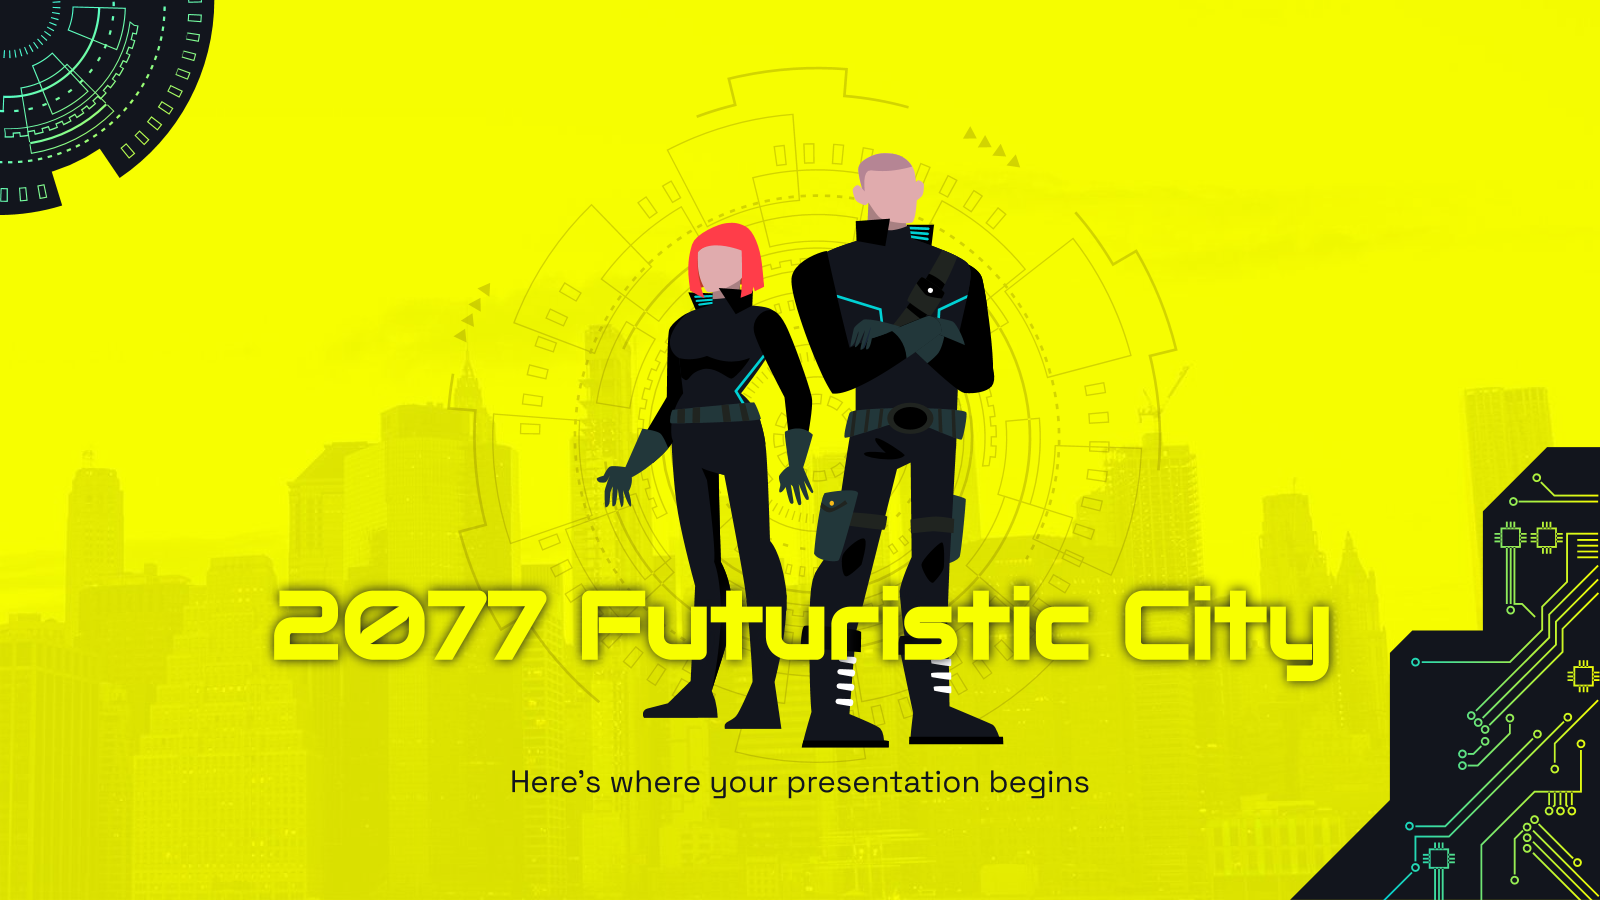 Plantilla de presentación Ciudad futurista del 2077